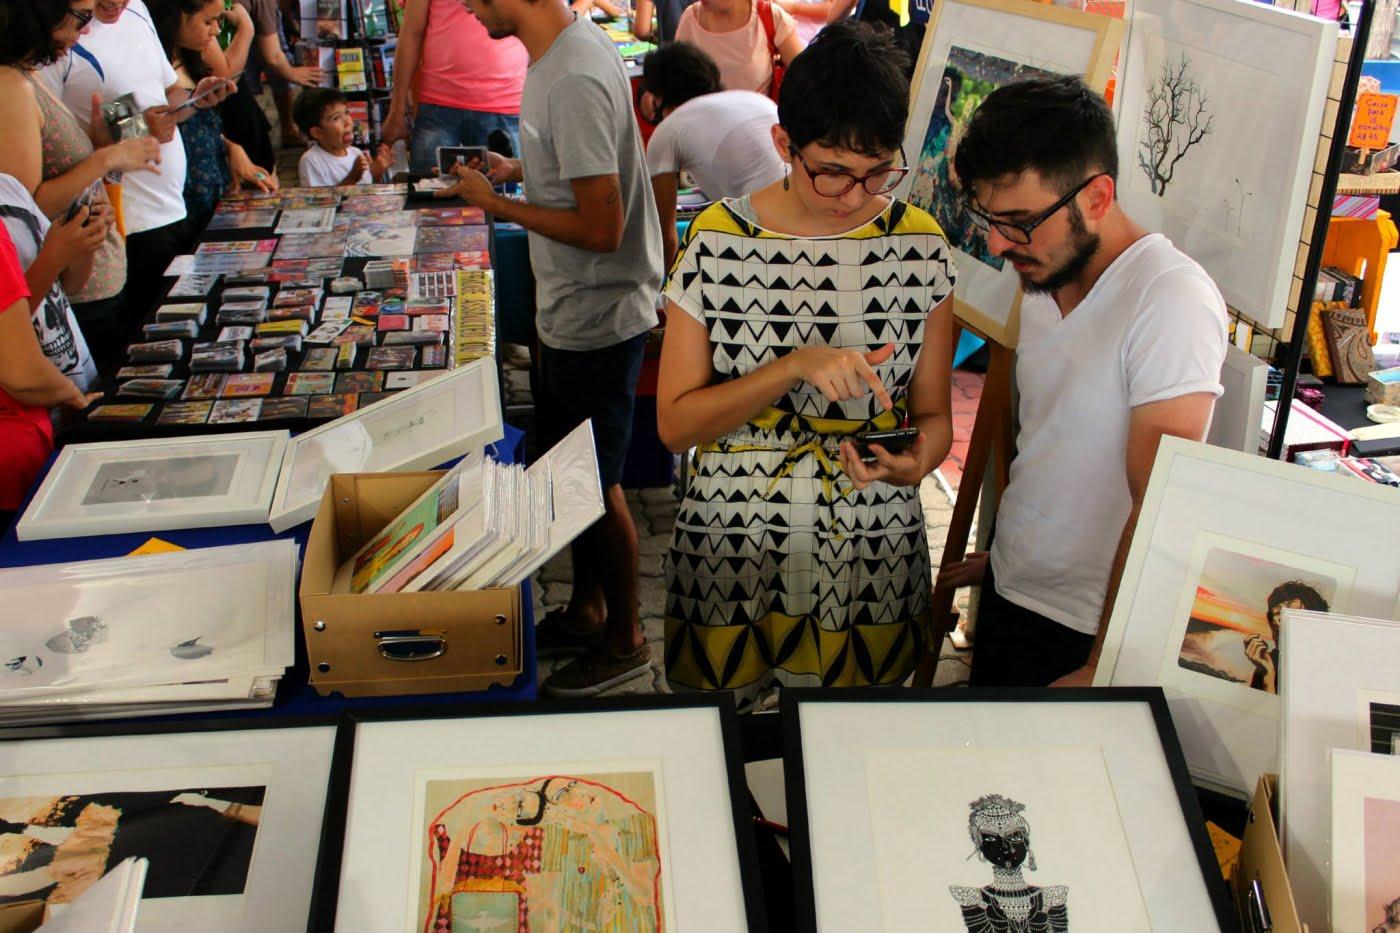 Artistas vendem suas criações na edição de aniversário de dois anos do Picnik, em abril.